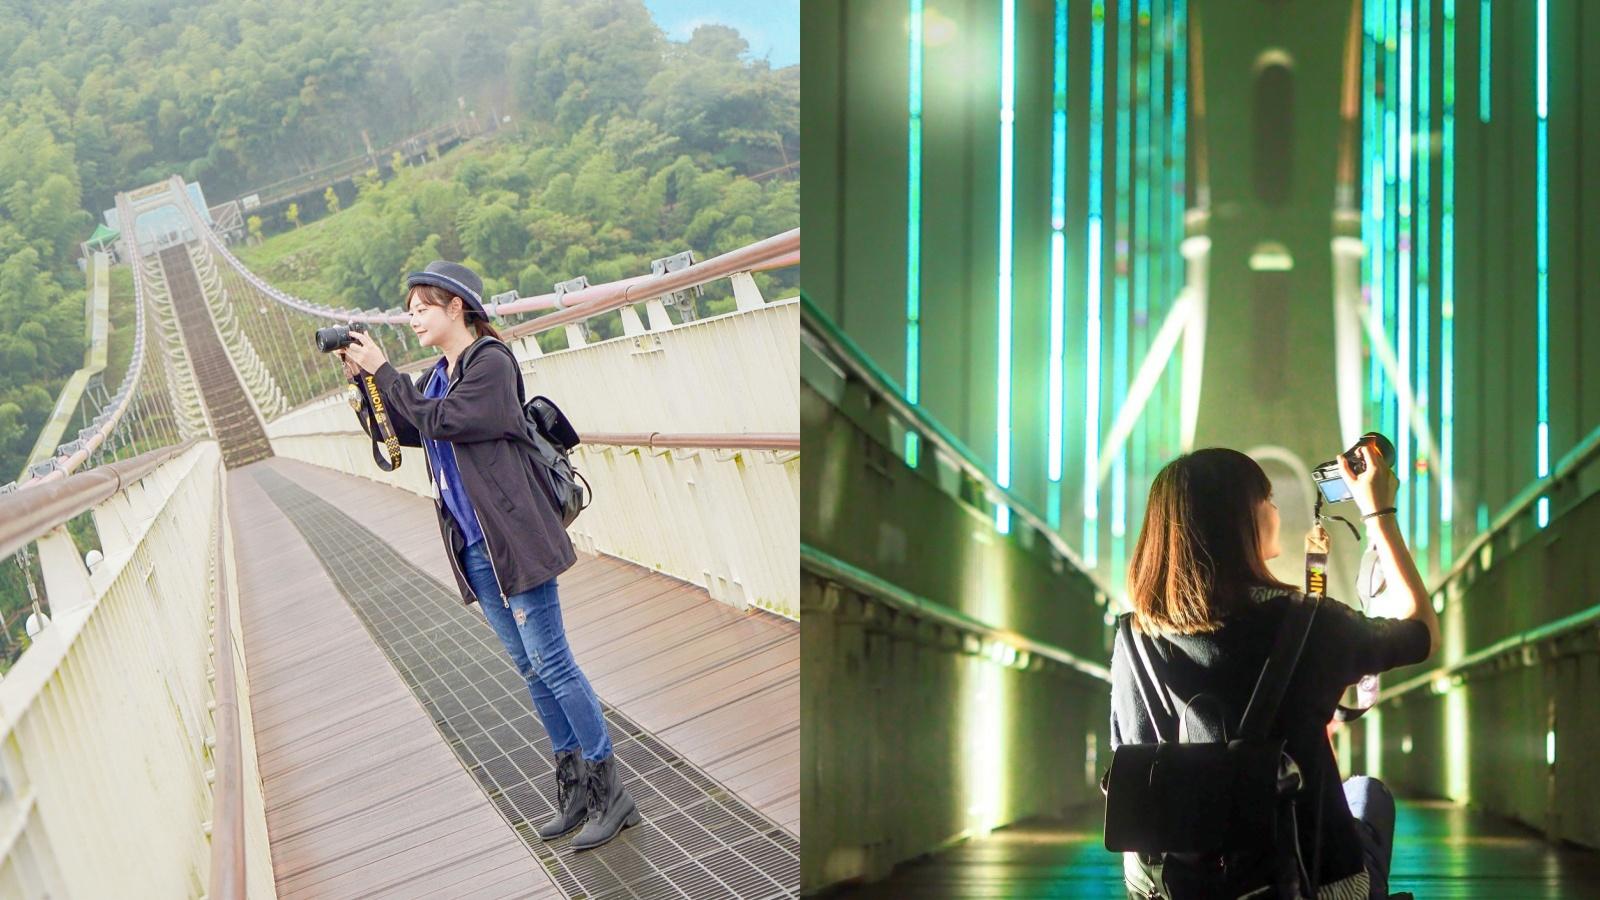 閱讀文章:☆【嘉義】雲端上的浪漫:梅山太平雲梯|交通方式|優惠票券